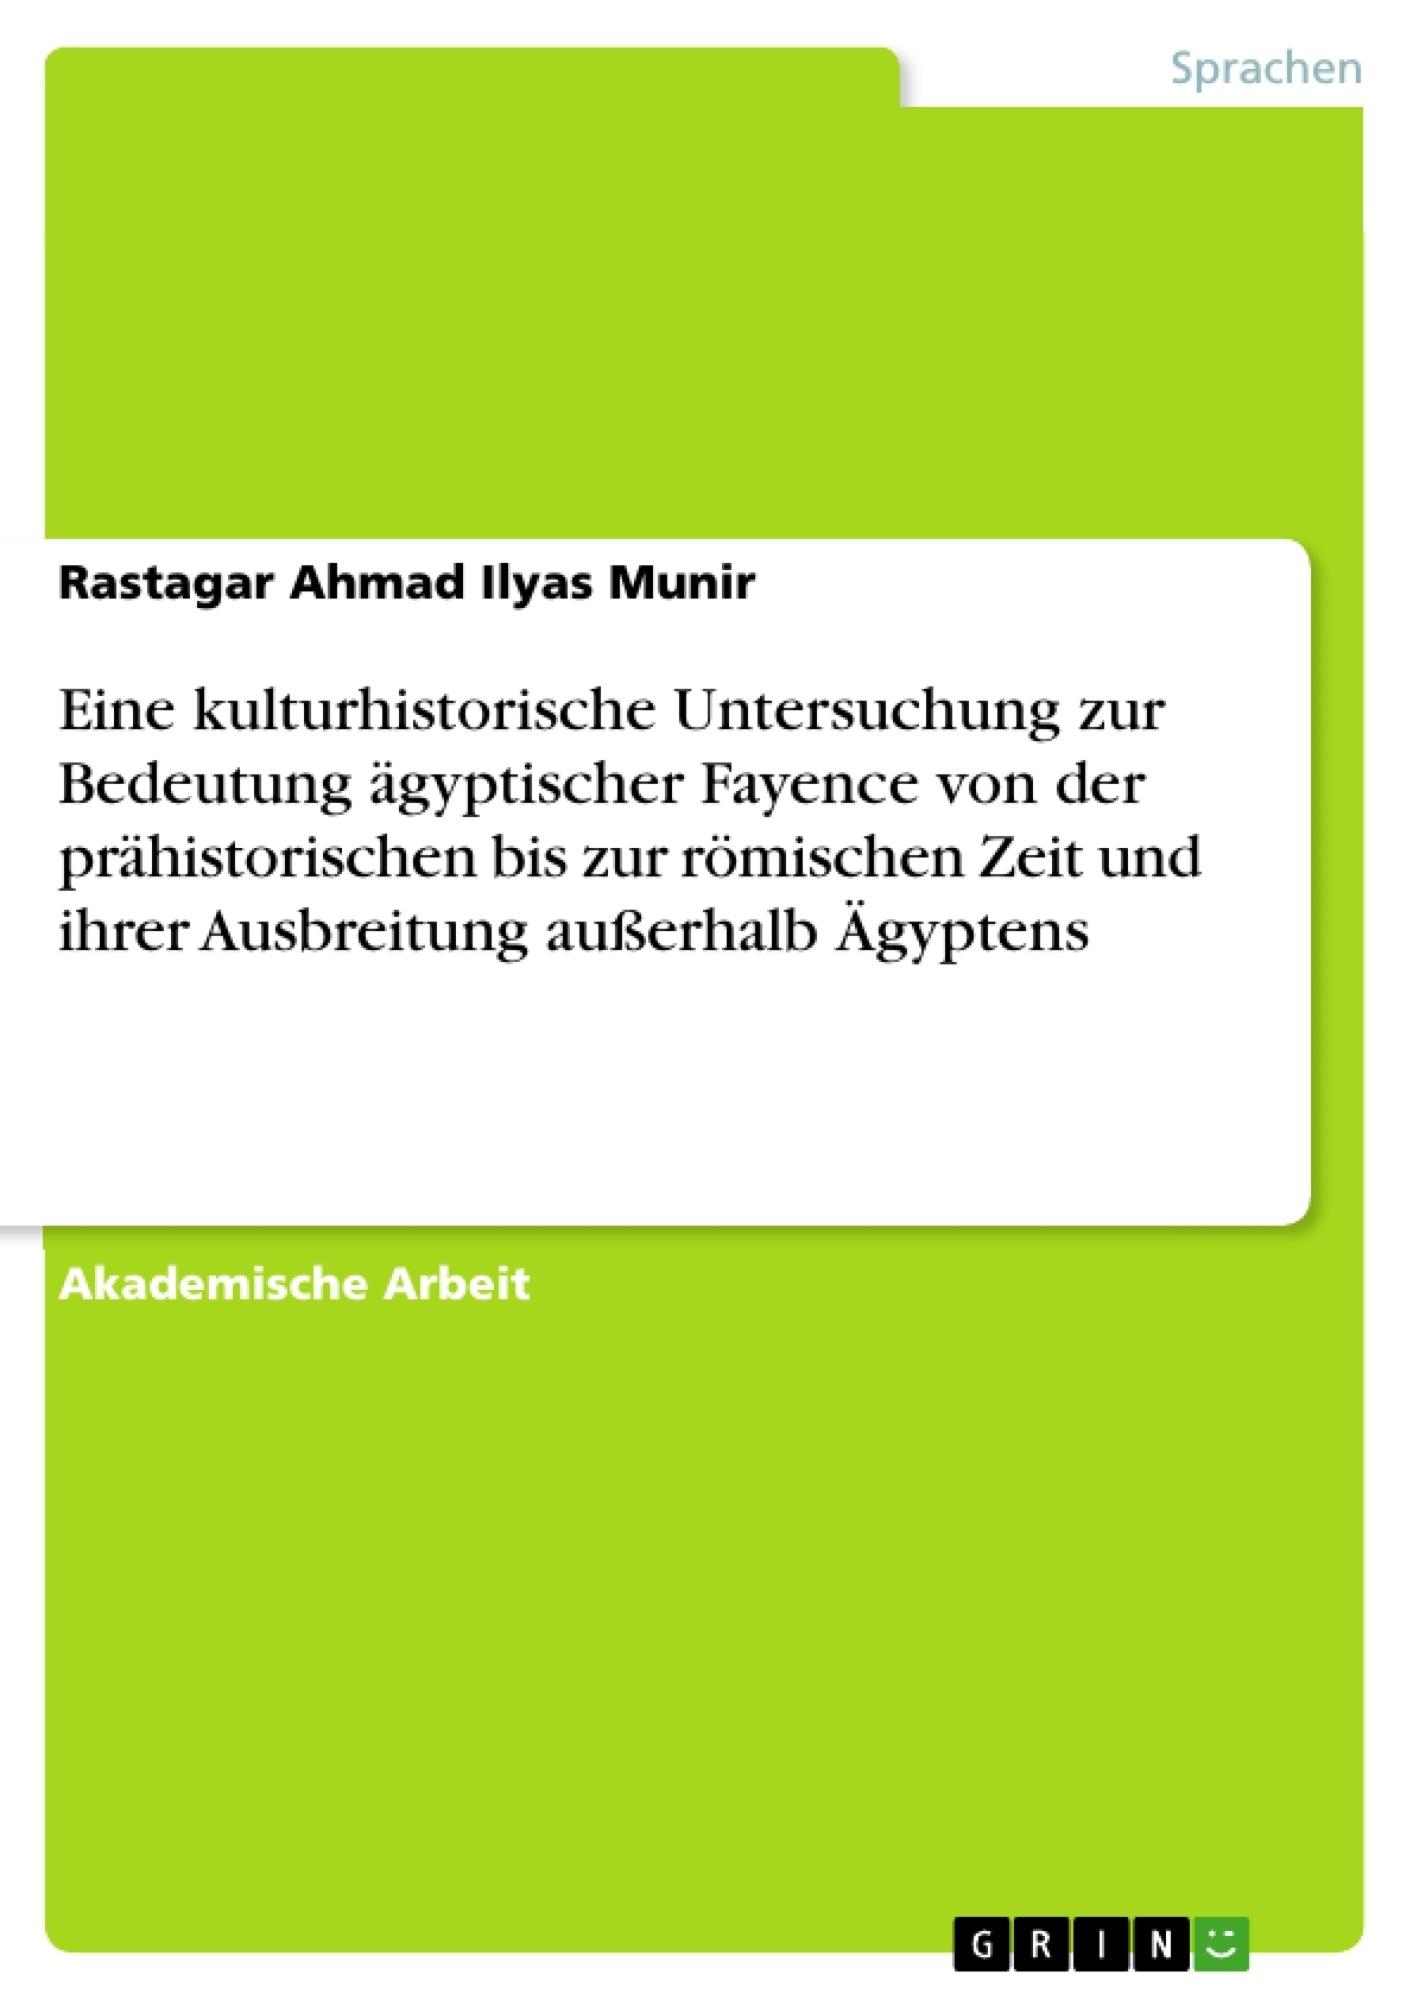 Titel: Eine kulturhistorische Untersuchung zur Bedeutung ägyptischer Fayence von der prähistorischen bis zur römischen Zeit und ihrer Ausbreitung außerhalb Ägyptens